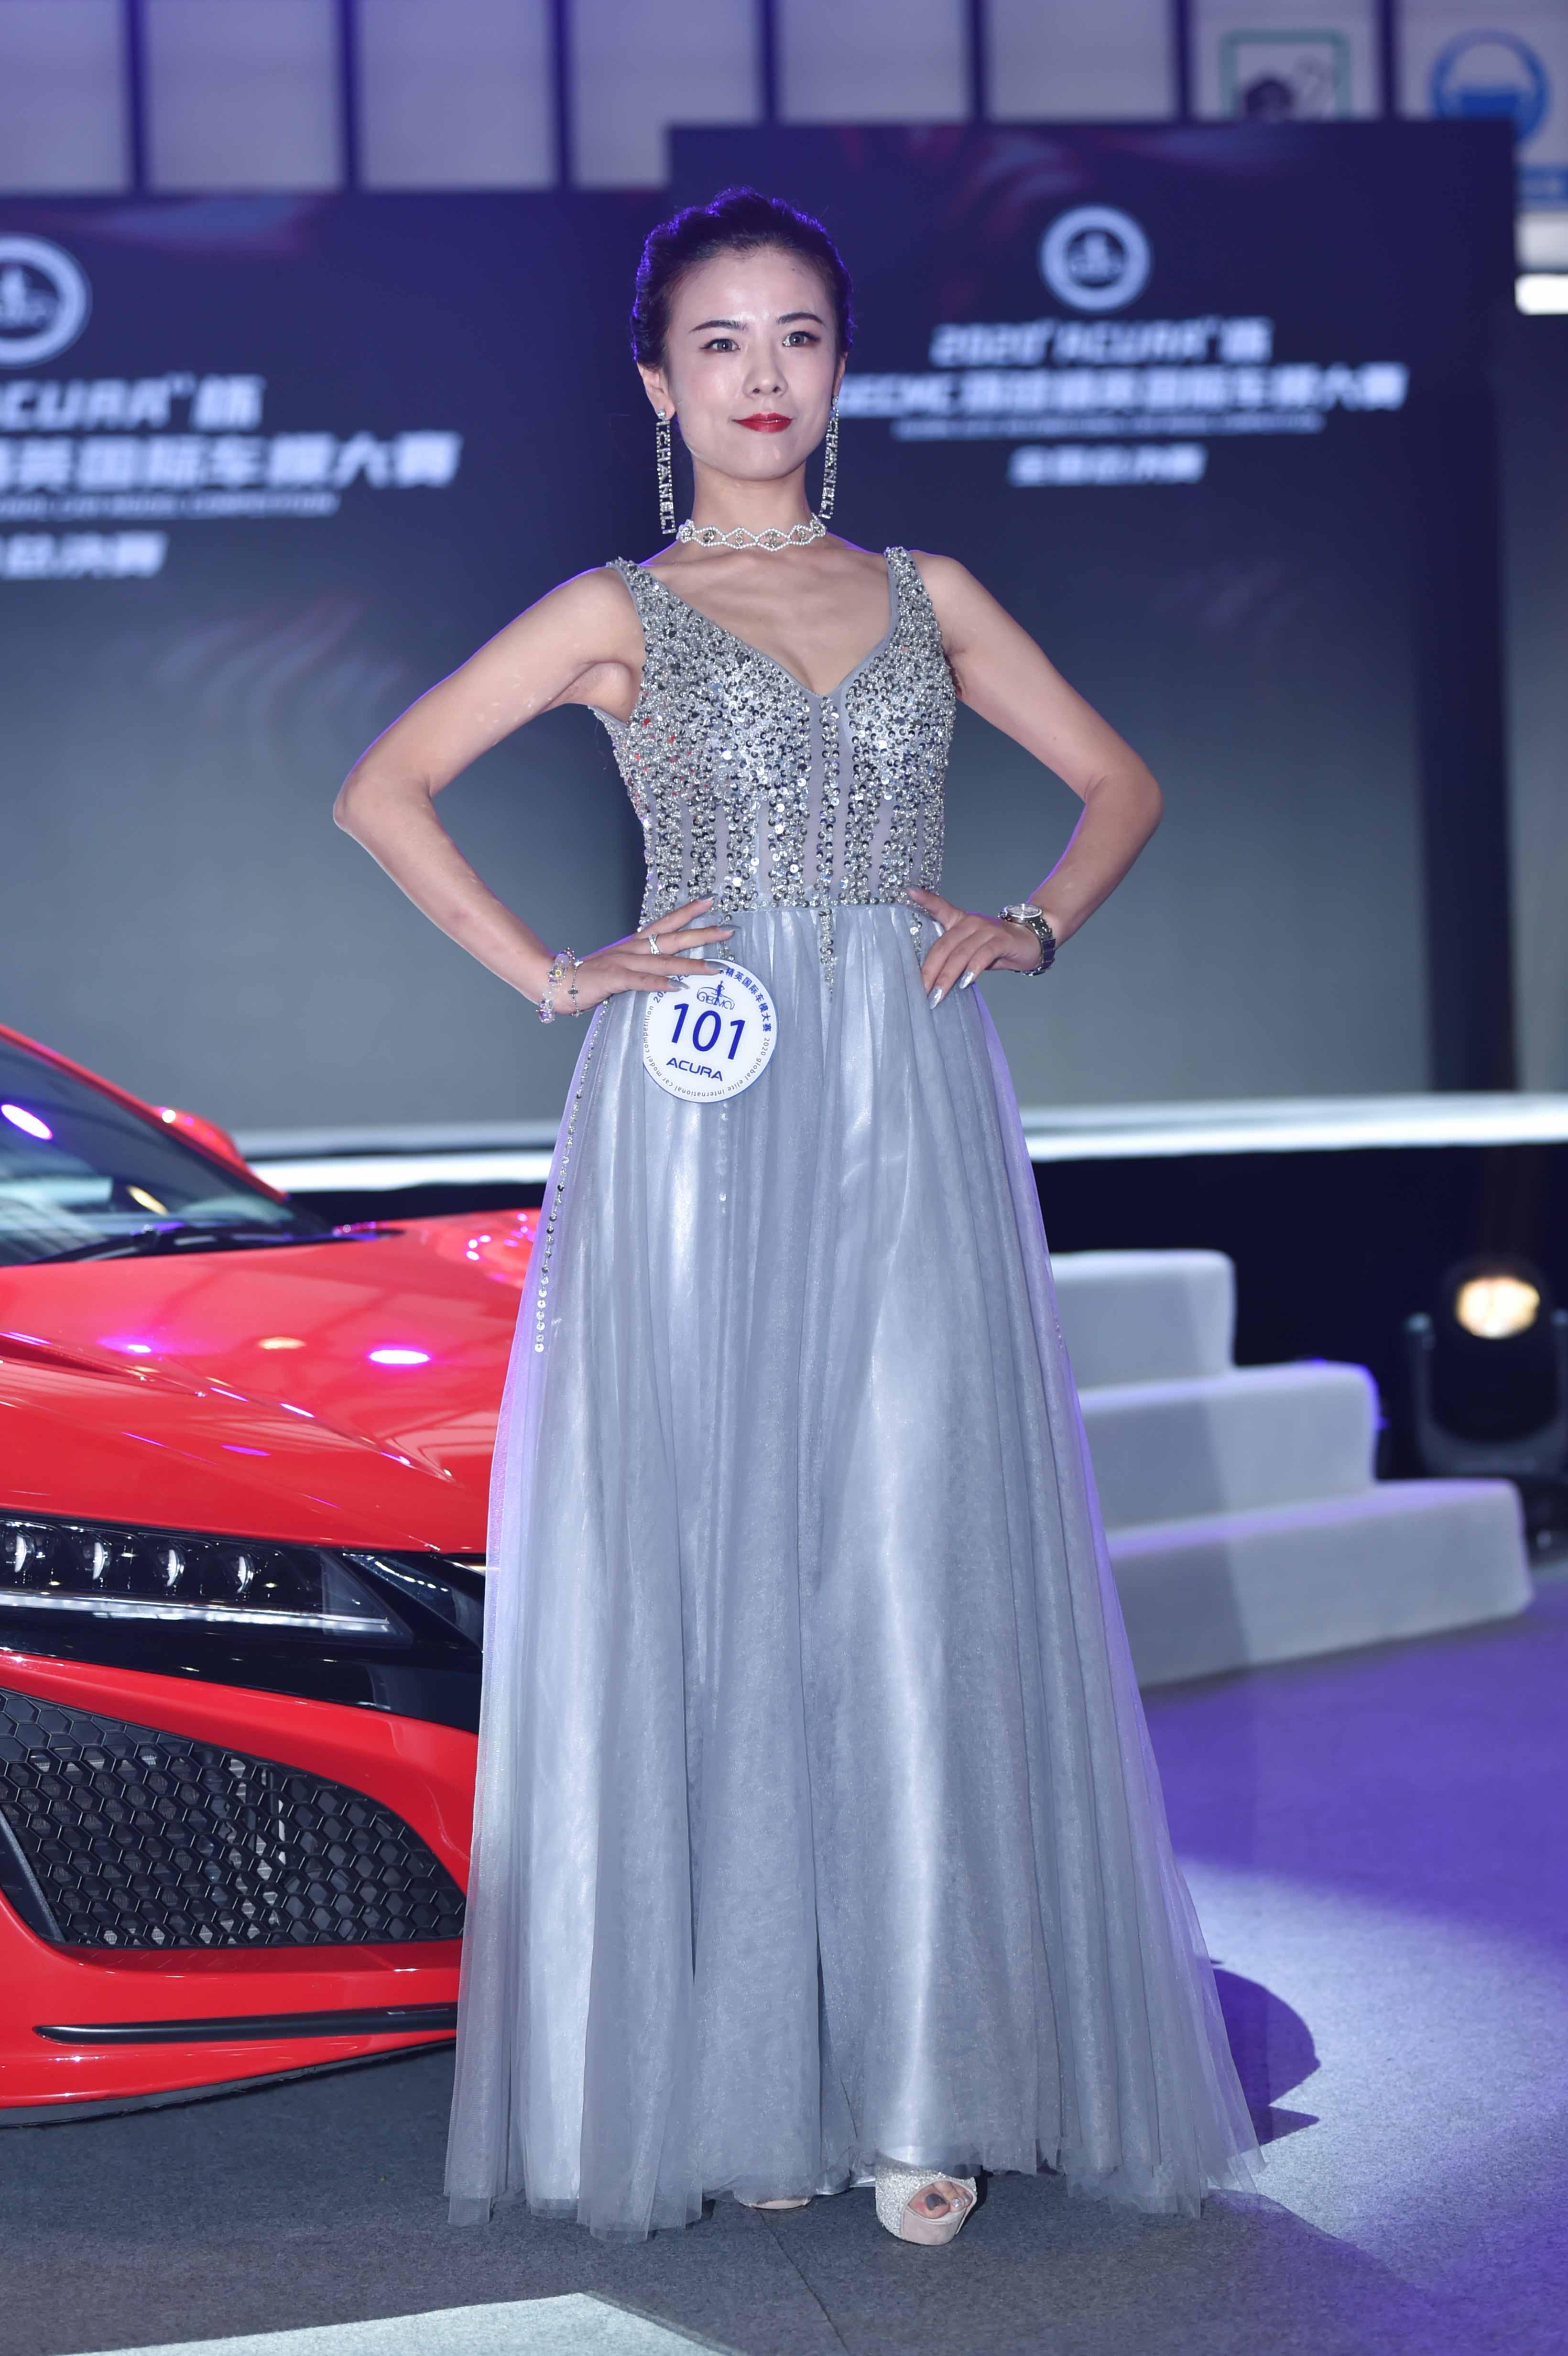 祝贺李昱娇——获得2020环球精英国际车模大赛全国总决赛季军